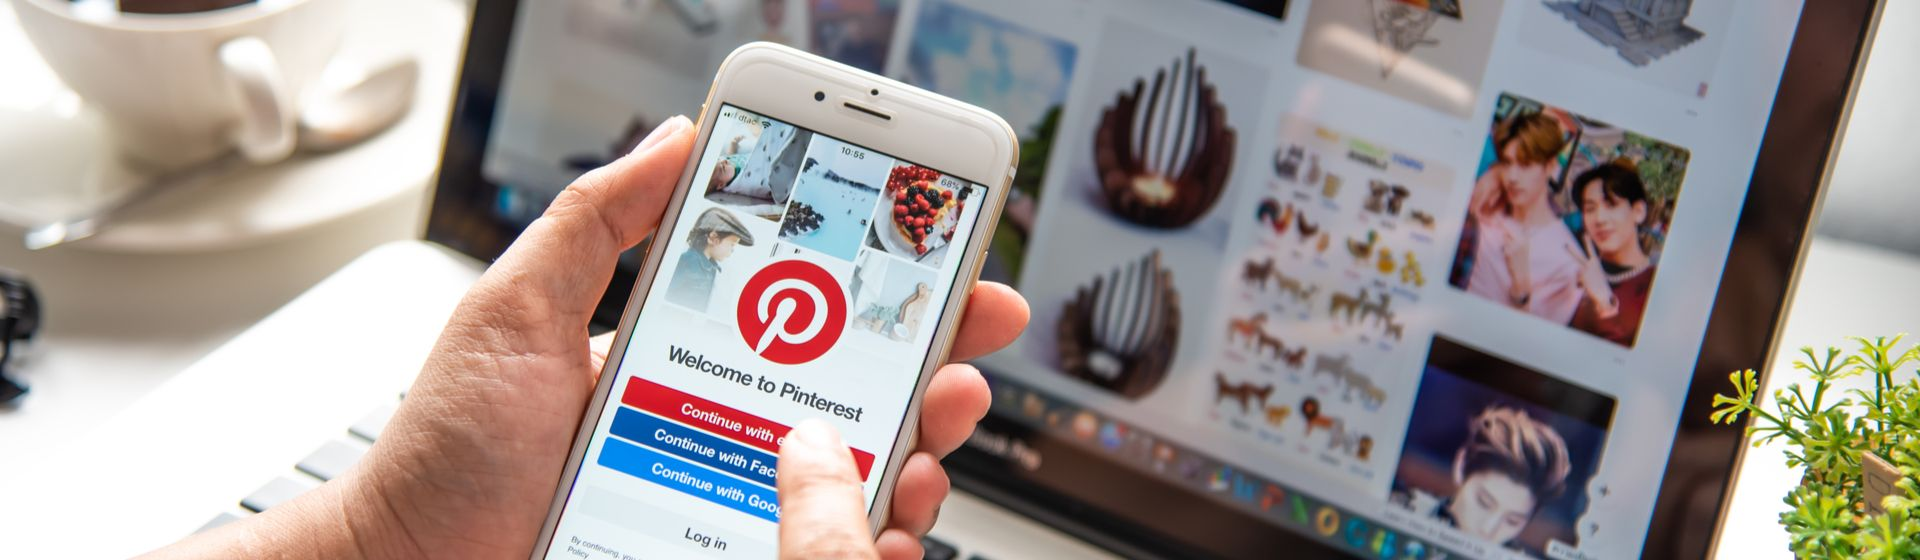 Pinterest: o que é e como funciona a rede social de imagens